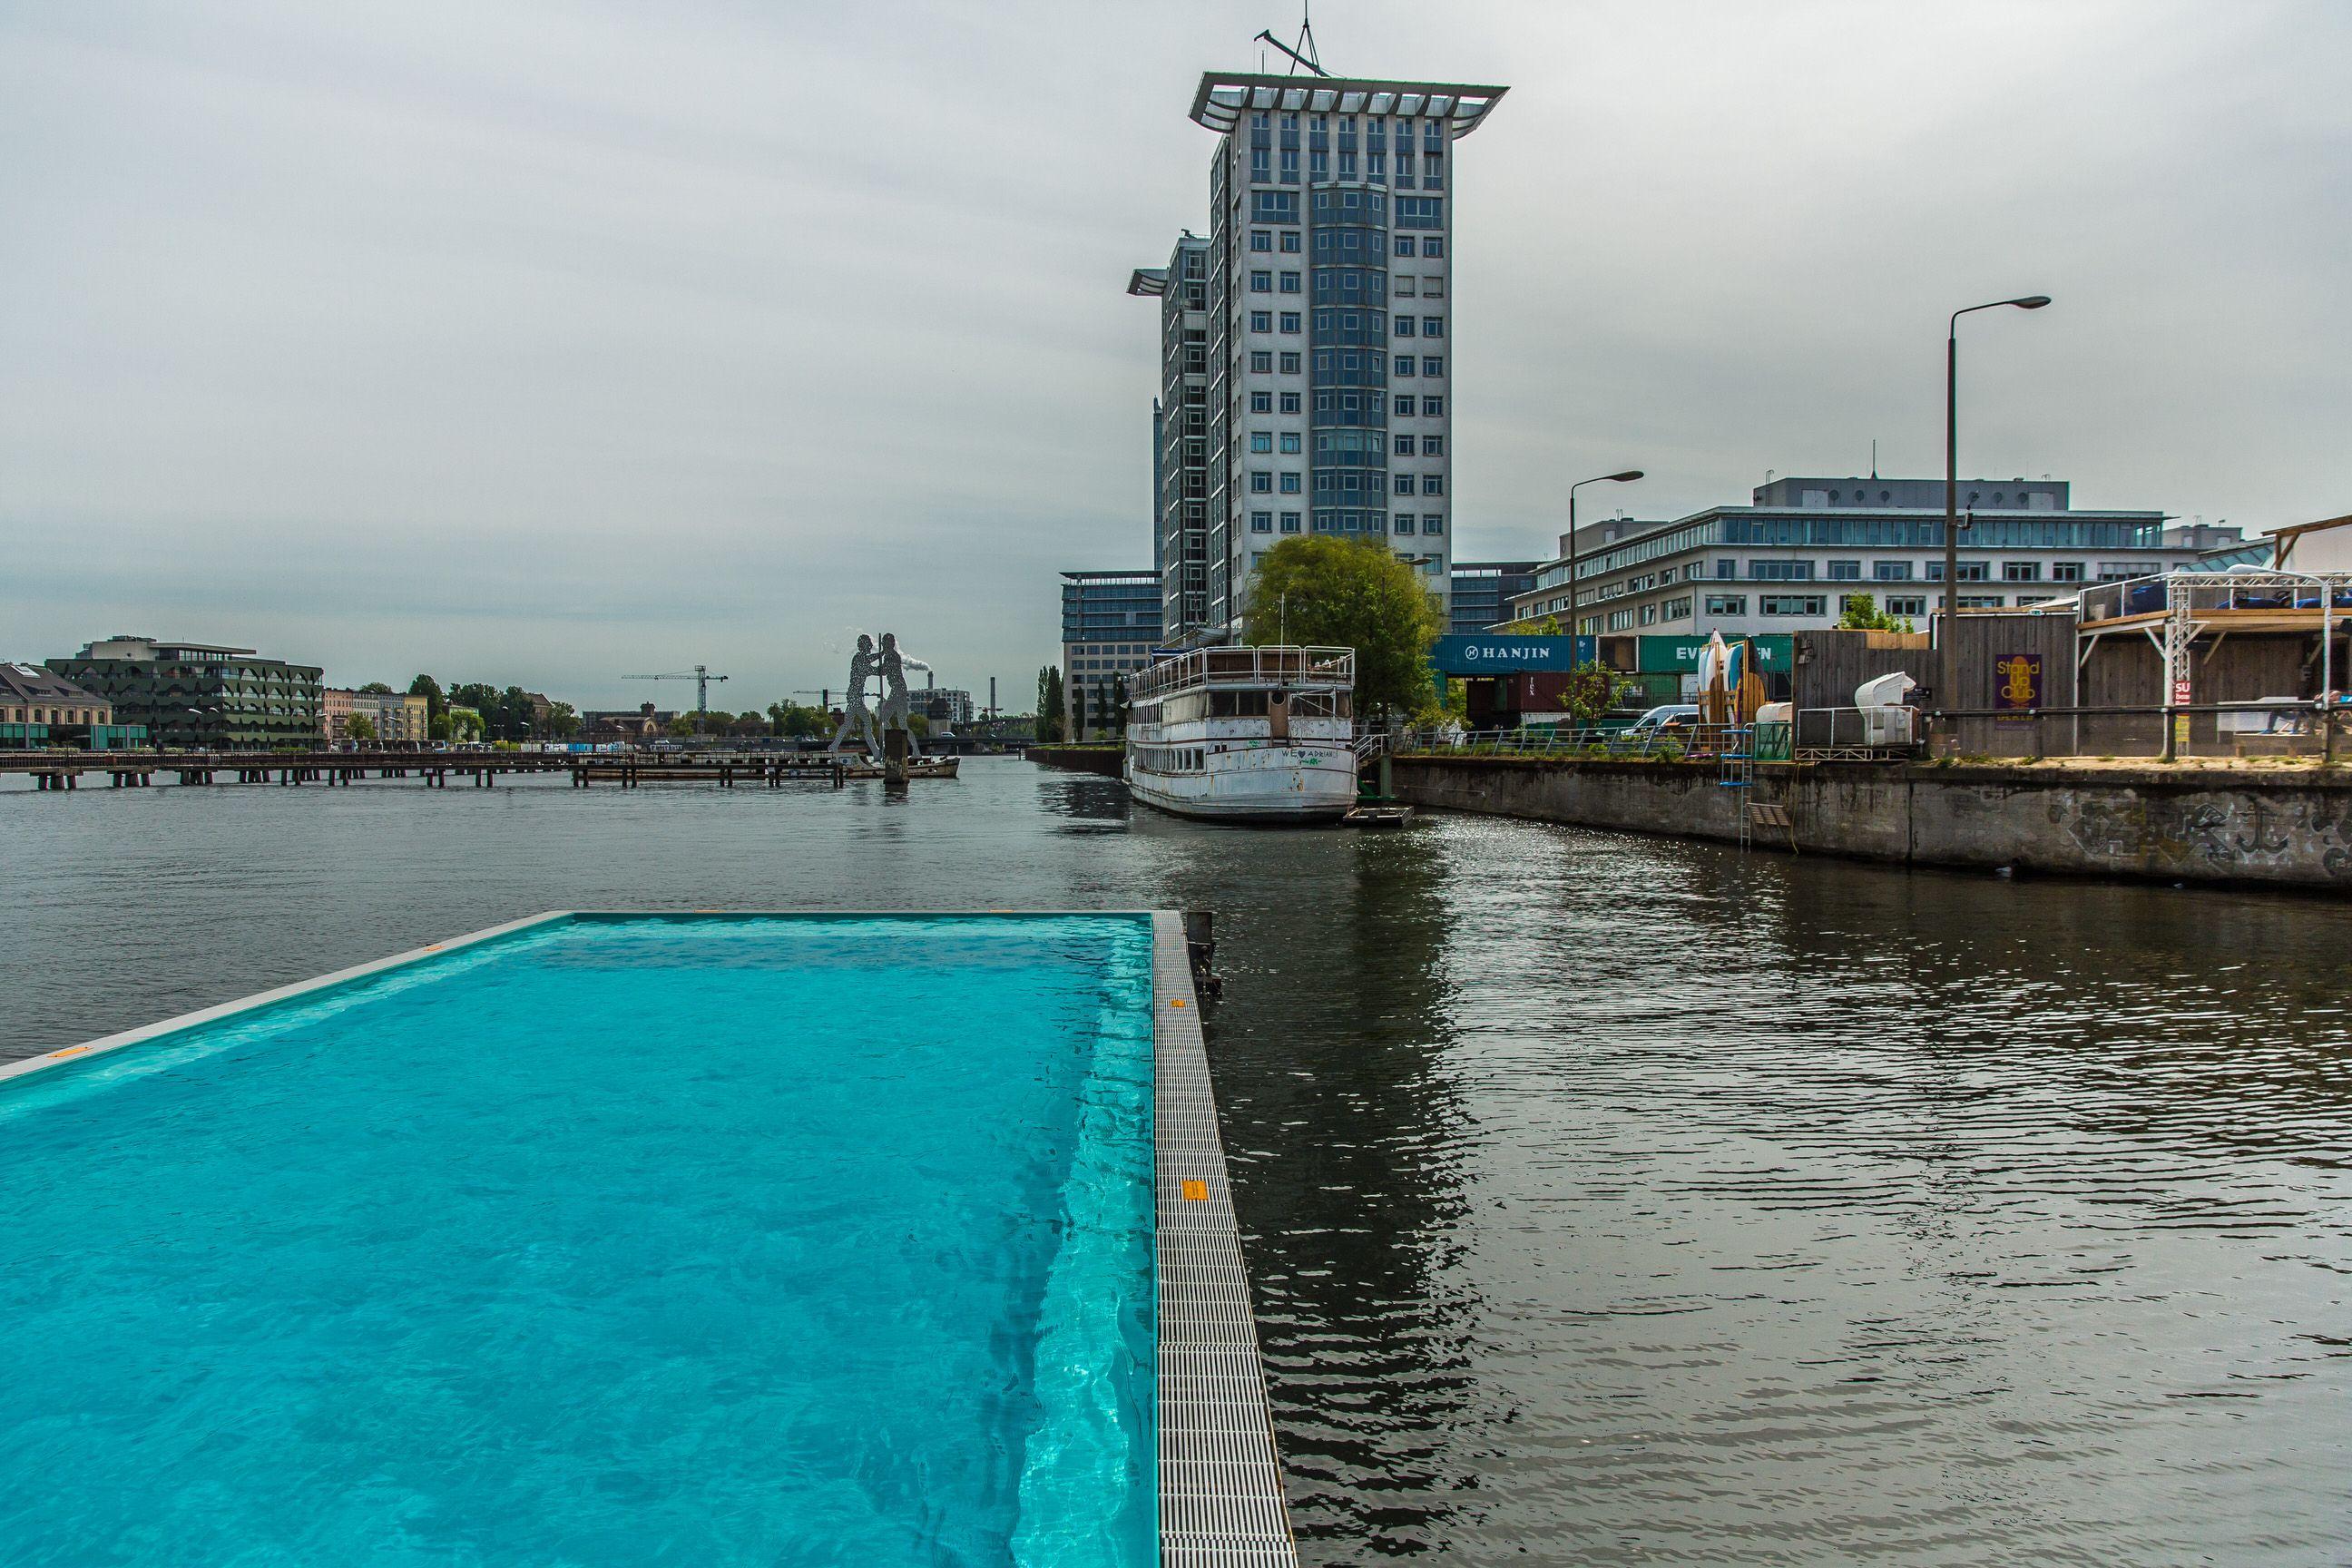 Flussschwimmbad in der Spree urbanes Erholungsgebiet Stadtstrand 1500qm Eventfläche für Corporate Events